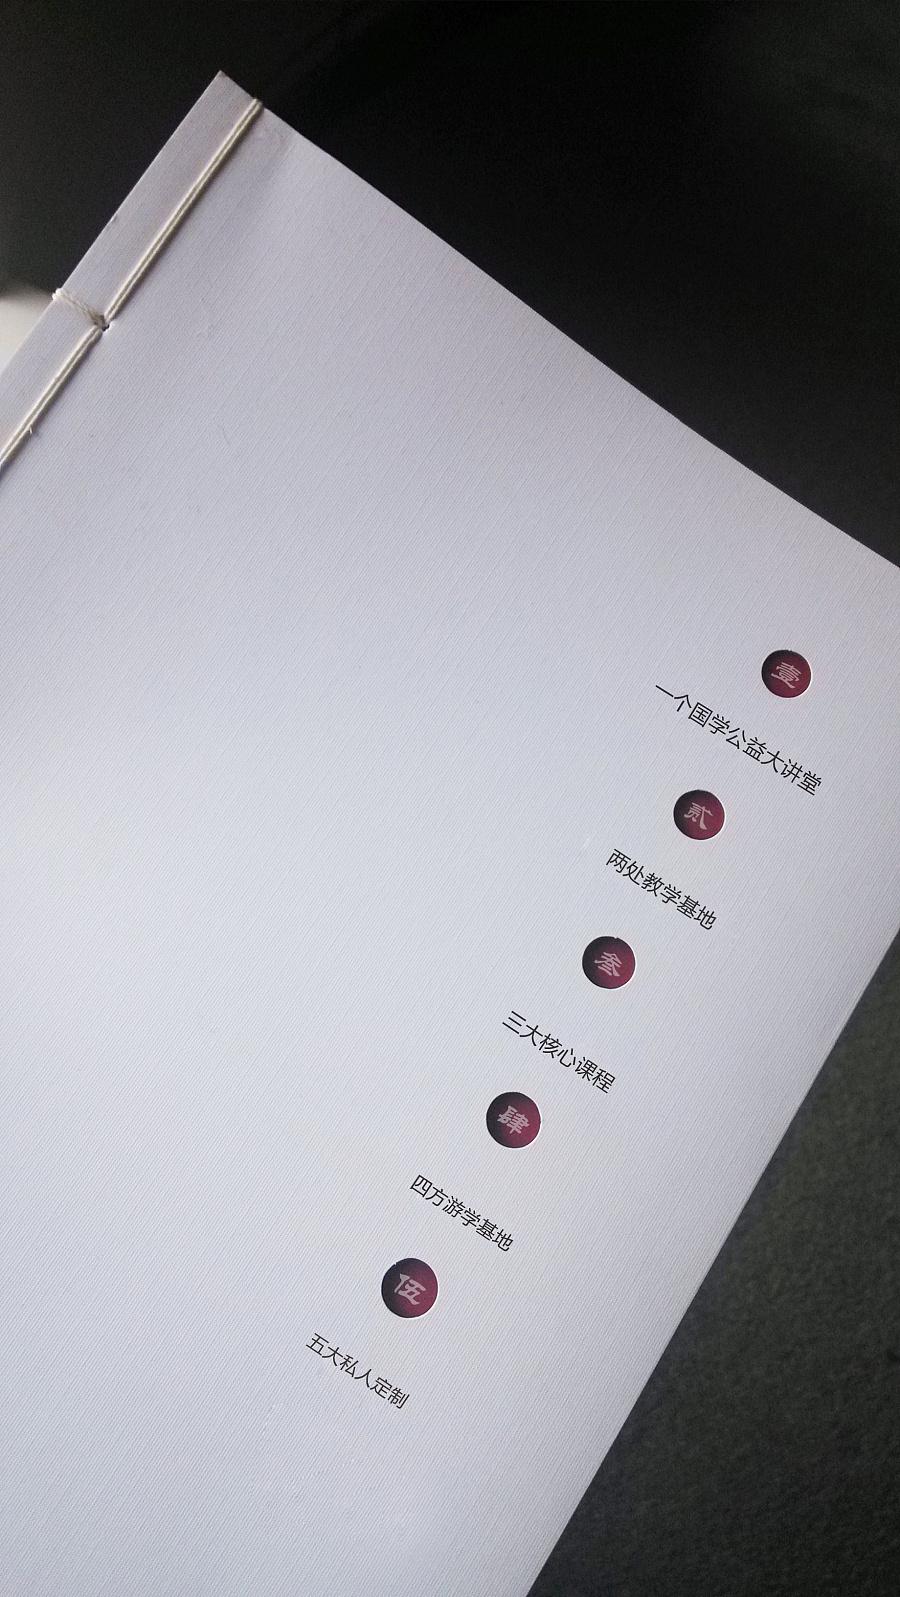 正商书院画册|书装/画册|平面|r然然rplc - 原创设计图片